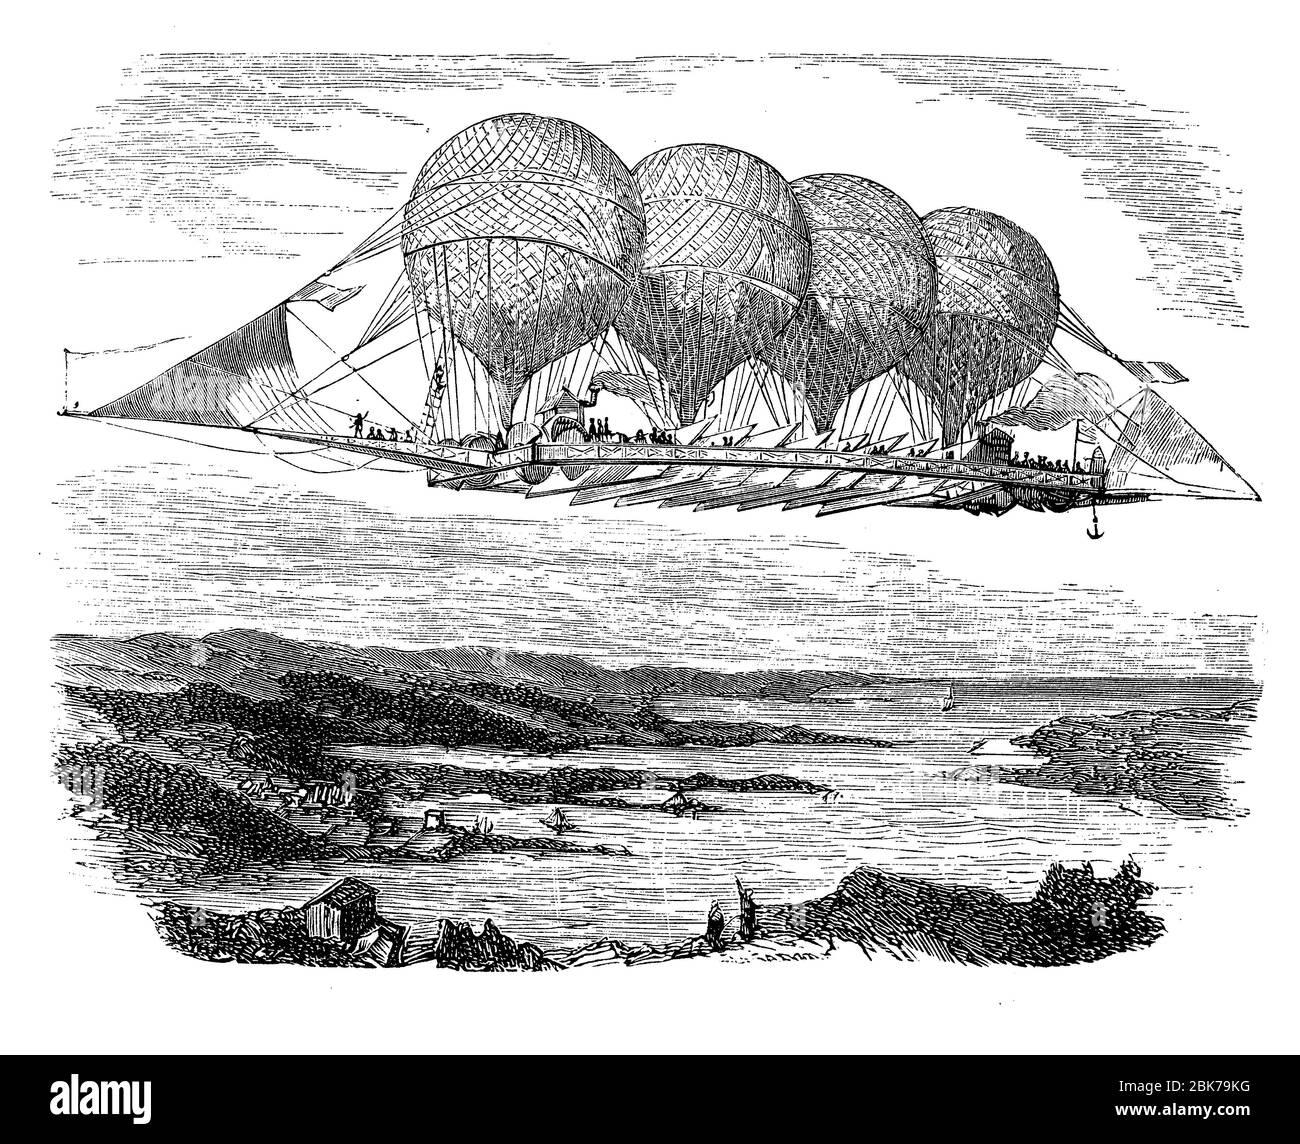 Monsier Petin Balloonist francese progettato un 160-yard-lungo aereo tenuto Aloft da quattro palloncini con una piattaforma e un sistema di sterzo, 1850 Foto Stock